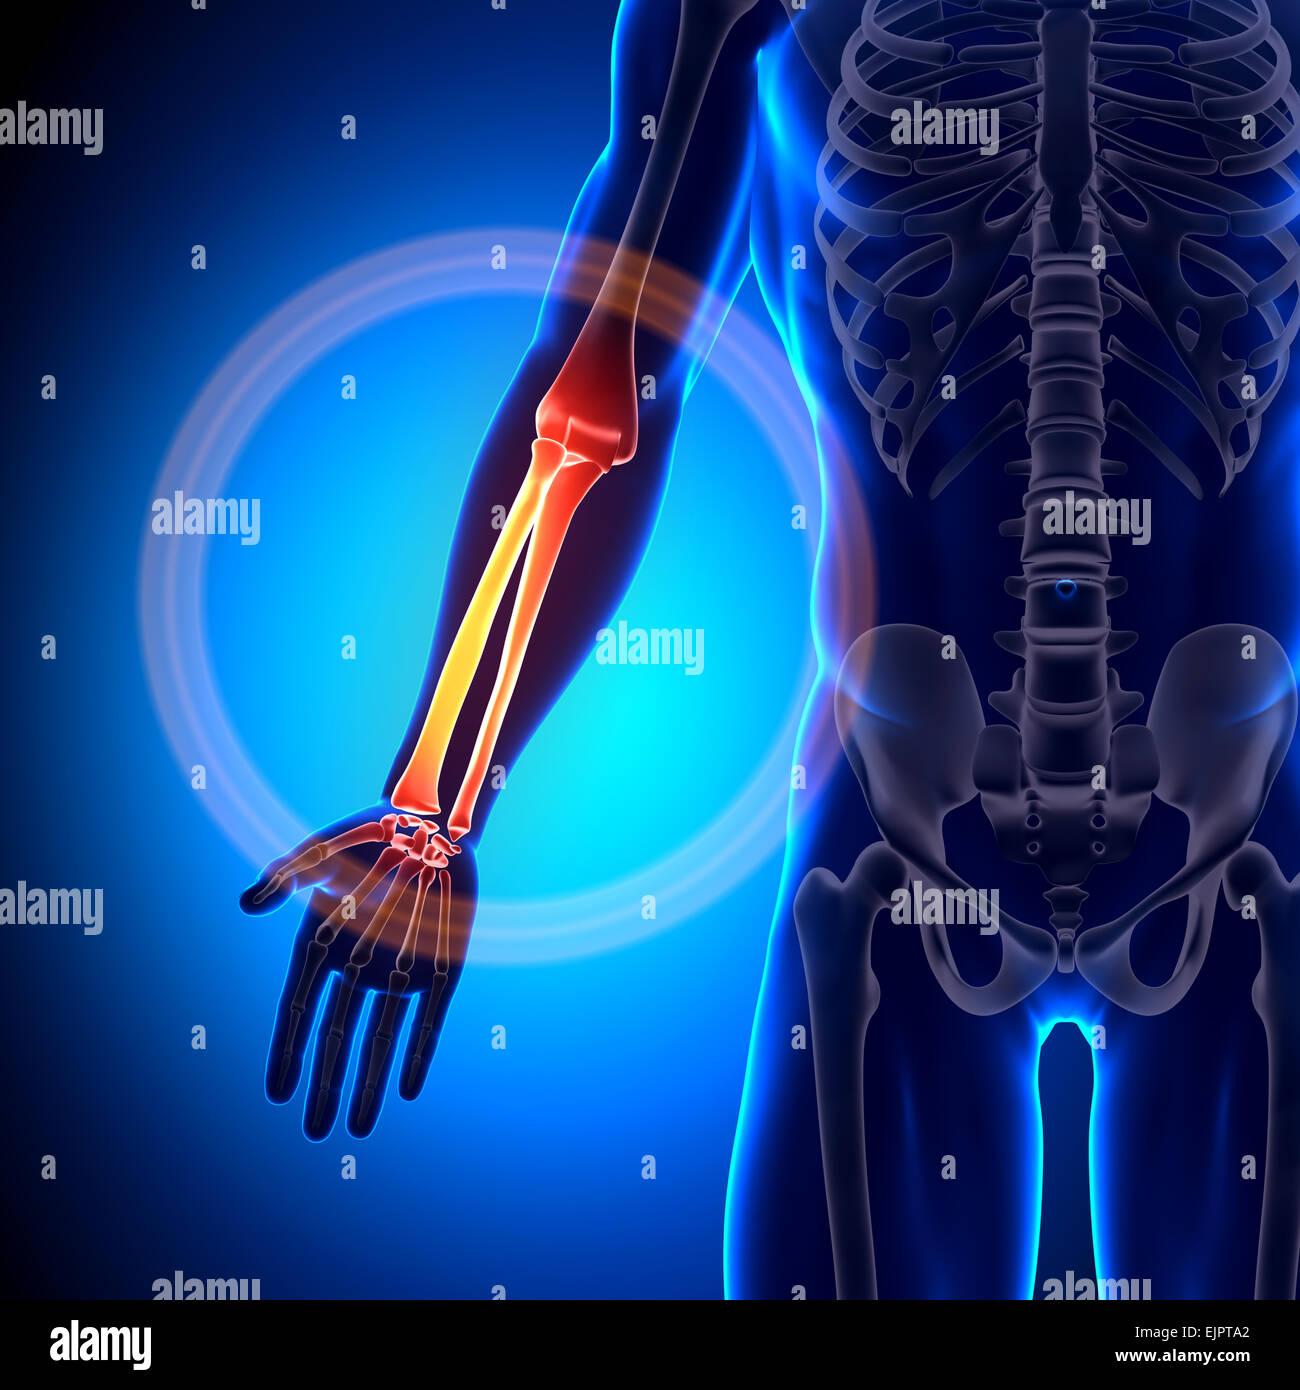 Forearm Bones Imágenes De Stock & Forearm Bones Fotos De Stock - Alamy